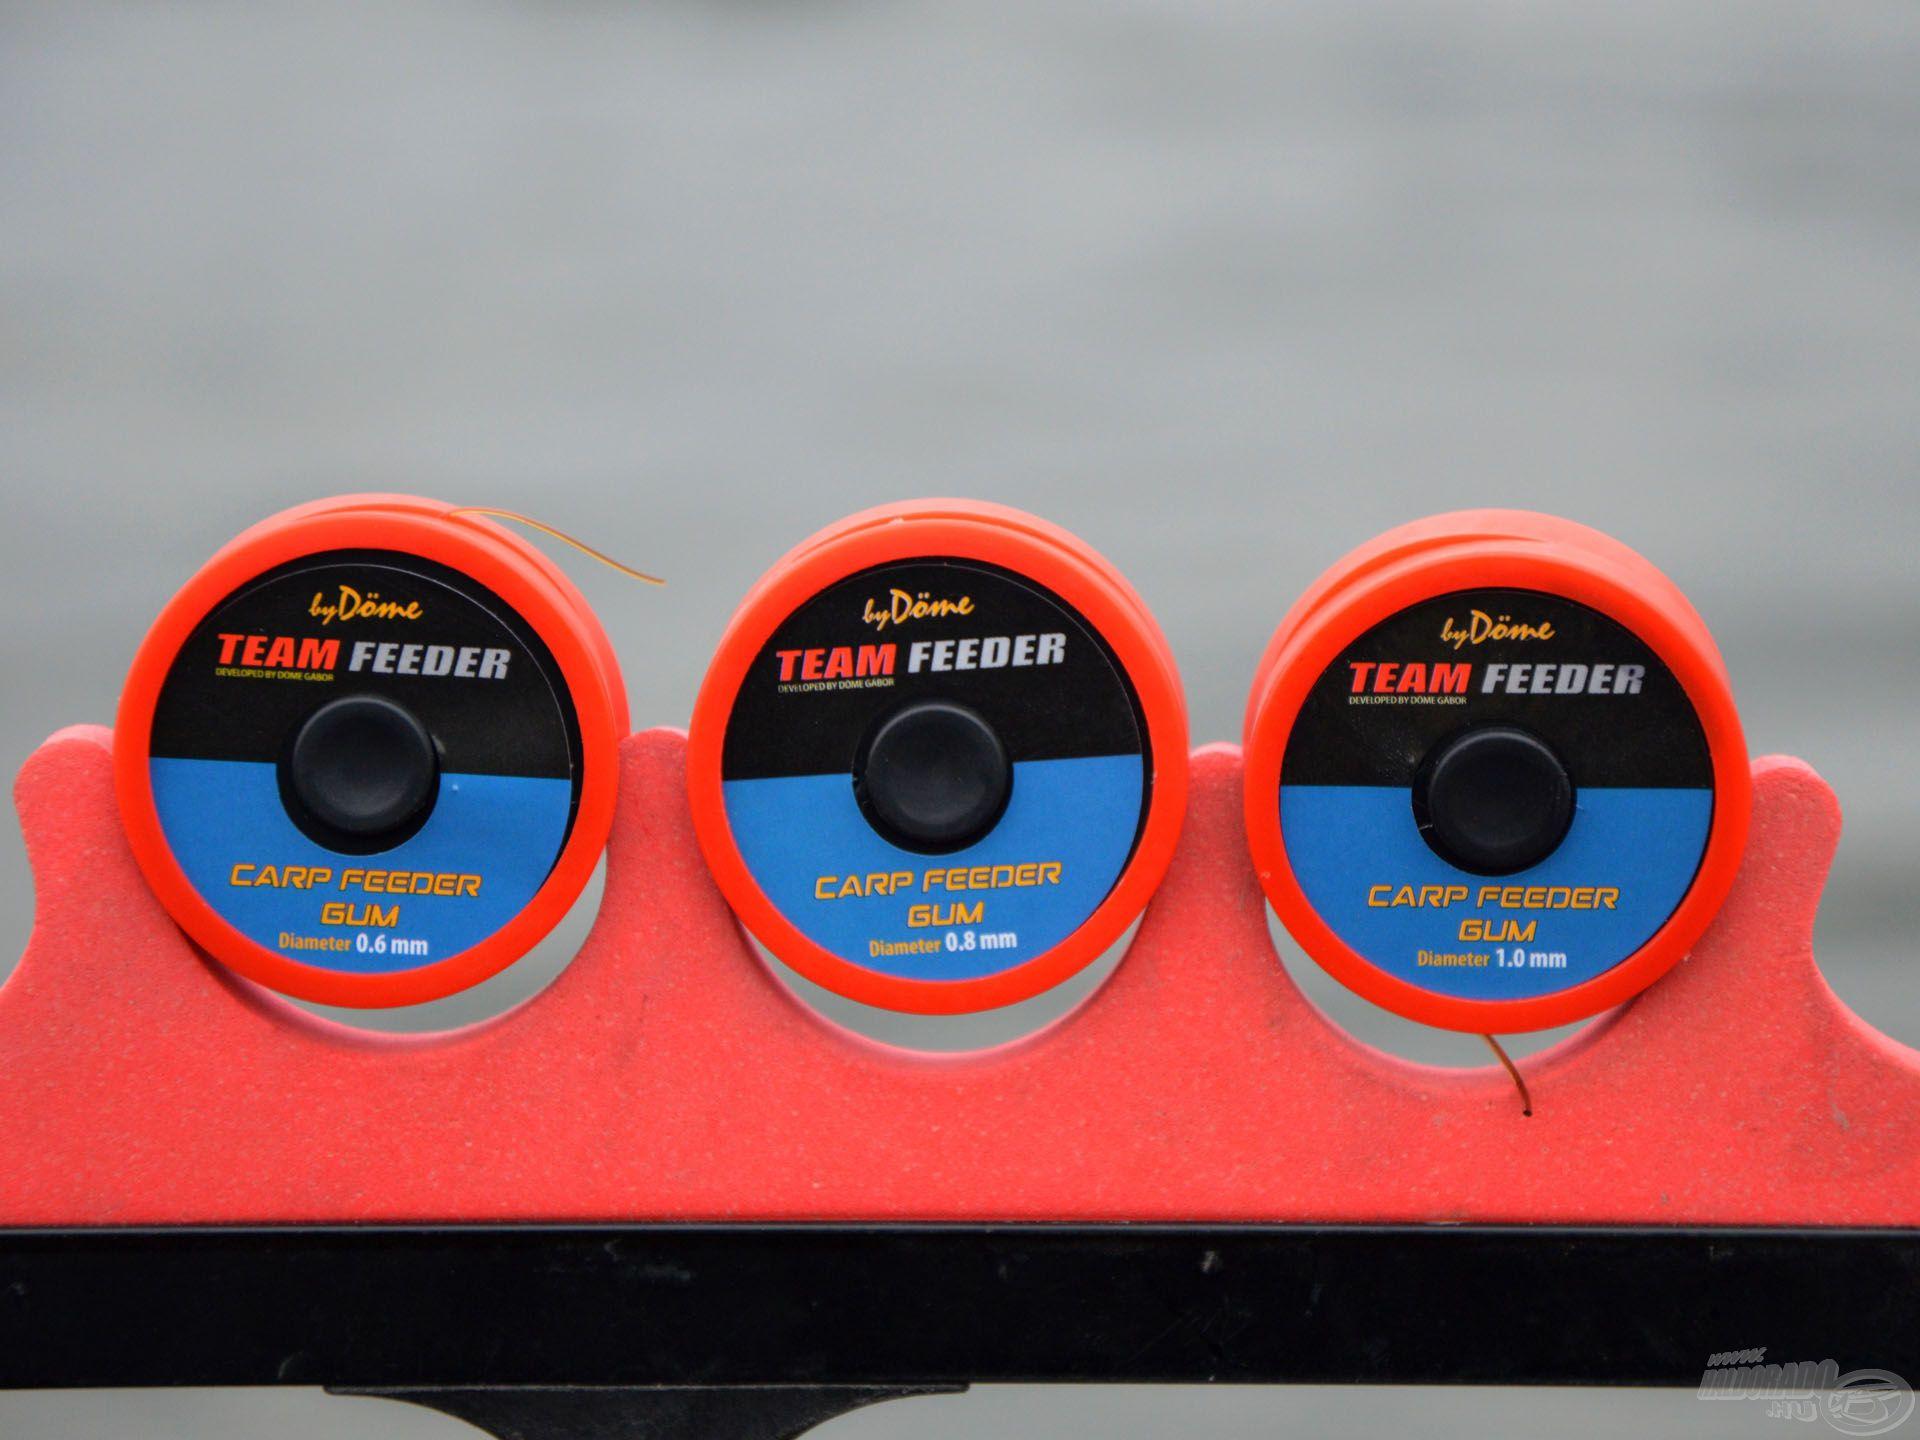 A By Döme TF Carp Feeder Gum három méretben, 0,6; 0,8 és 1 mm-es változatokban kapható